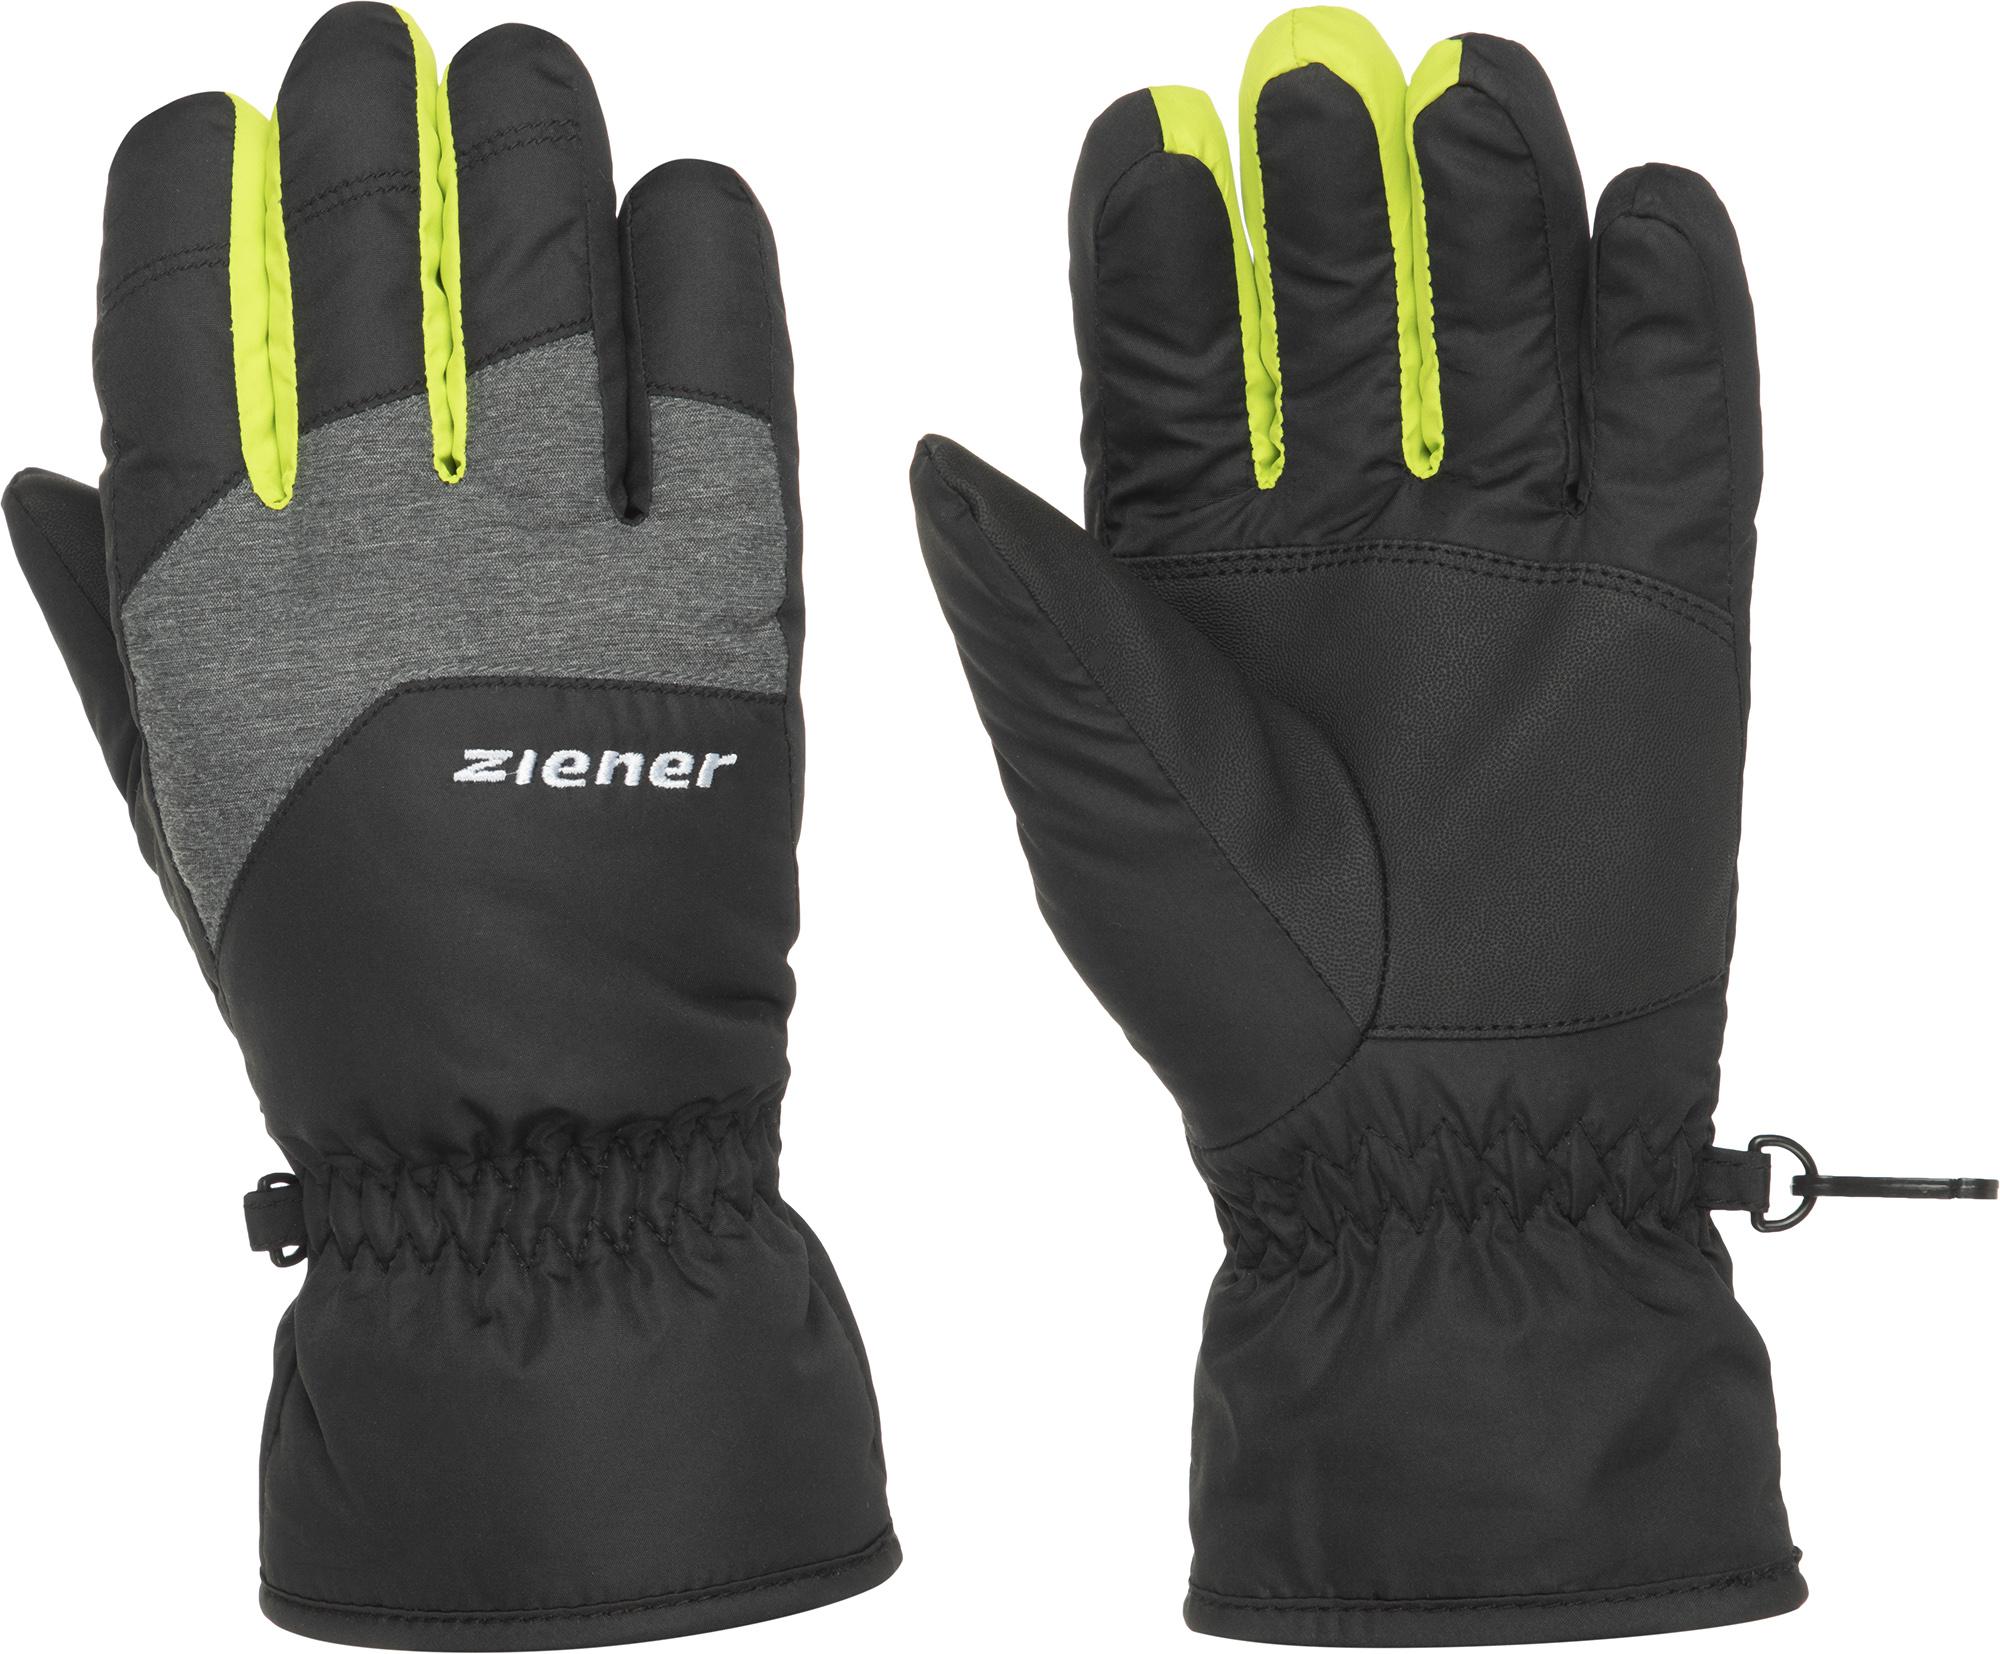 Перчатки для мальчиков Ziener, размер 5,5